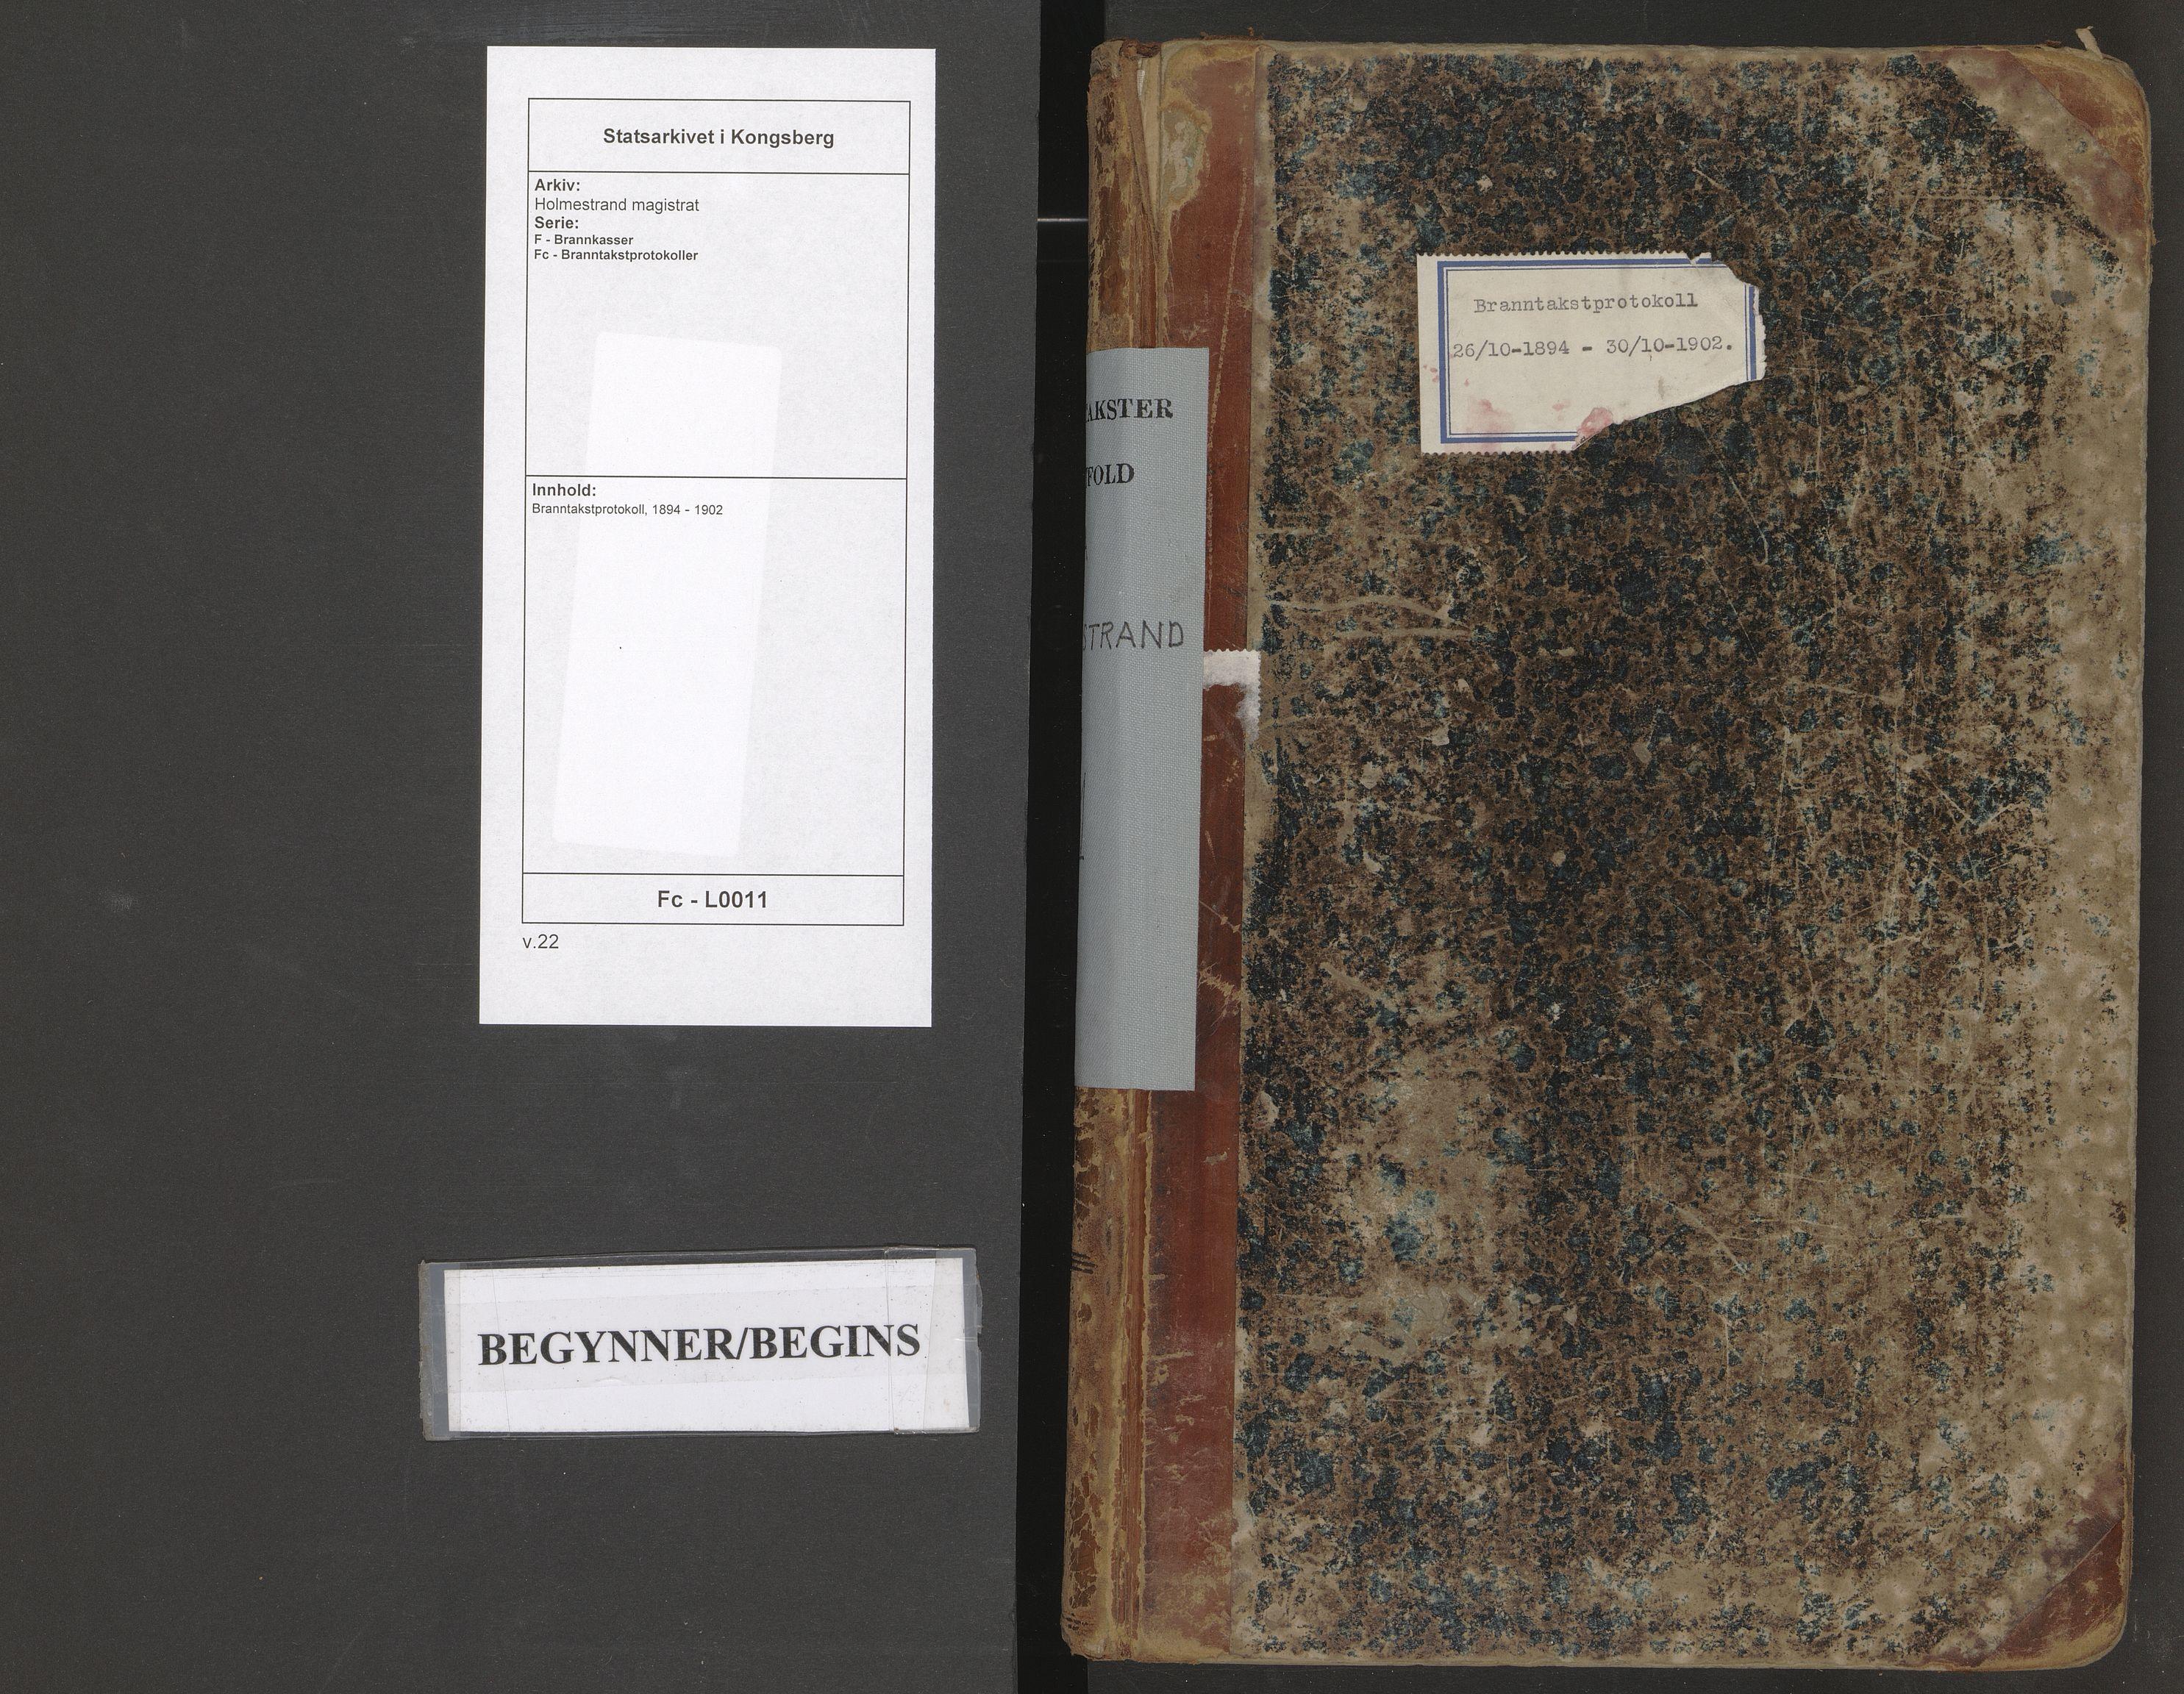 SAKO, Holmestrand magistrat, F/Fc/L0011: Branntakstprotokoll, 1894-1902